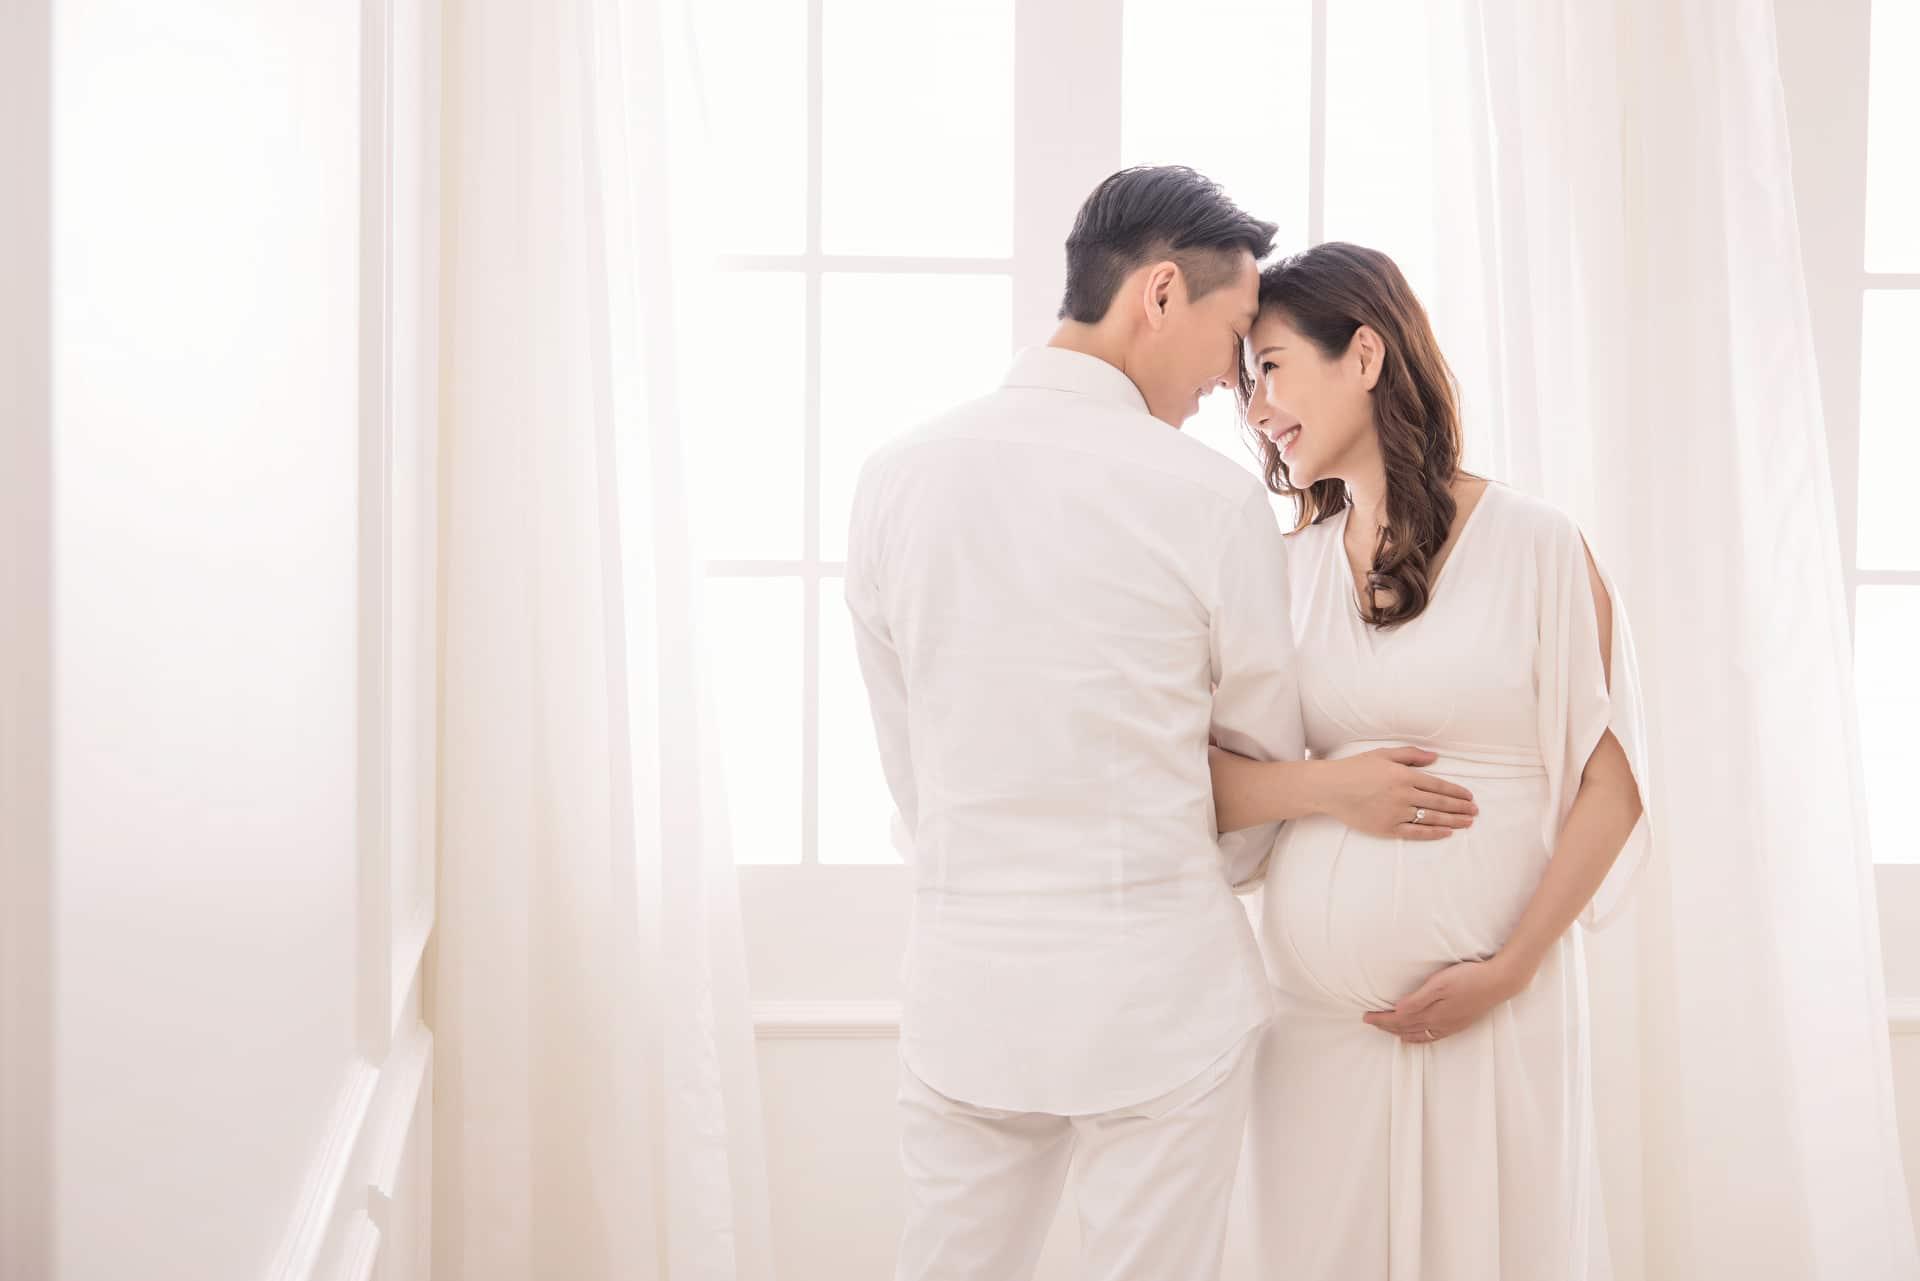 pregnancy promo 16